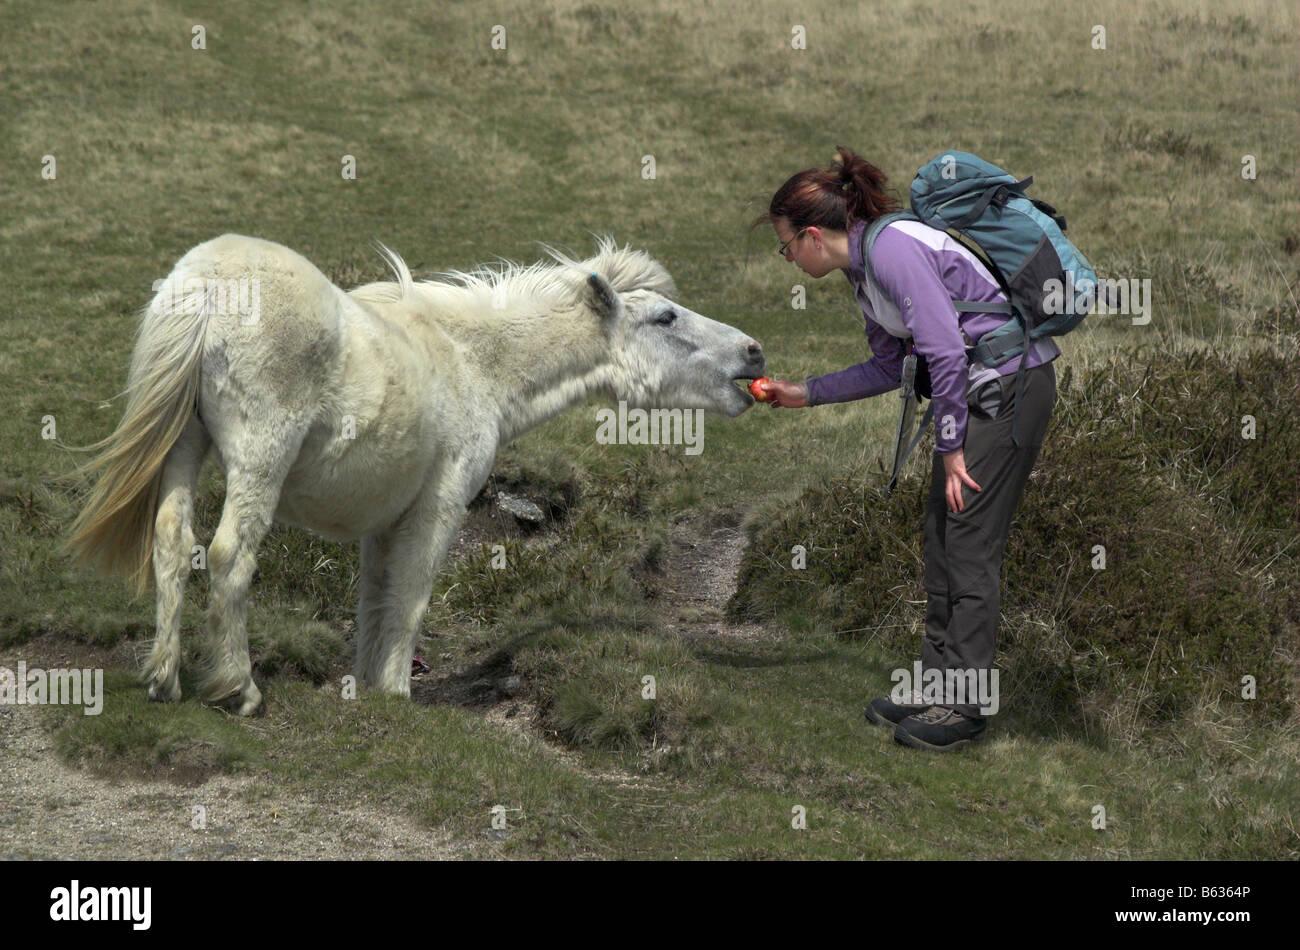 a-walker-feeding-a-dartmoor-pony-with-an-apple-B6364P.jpg